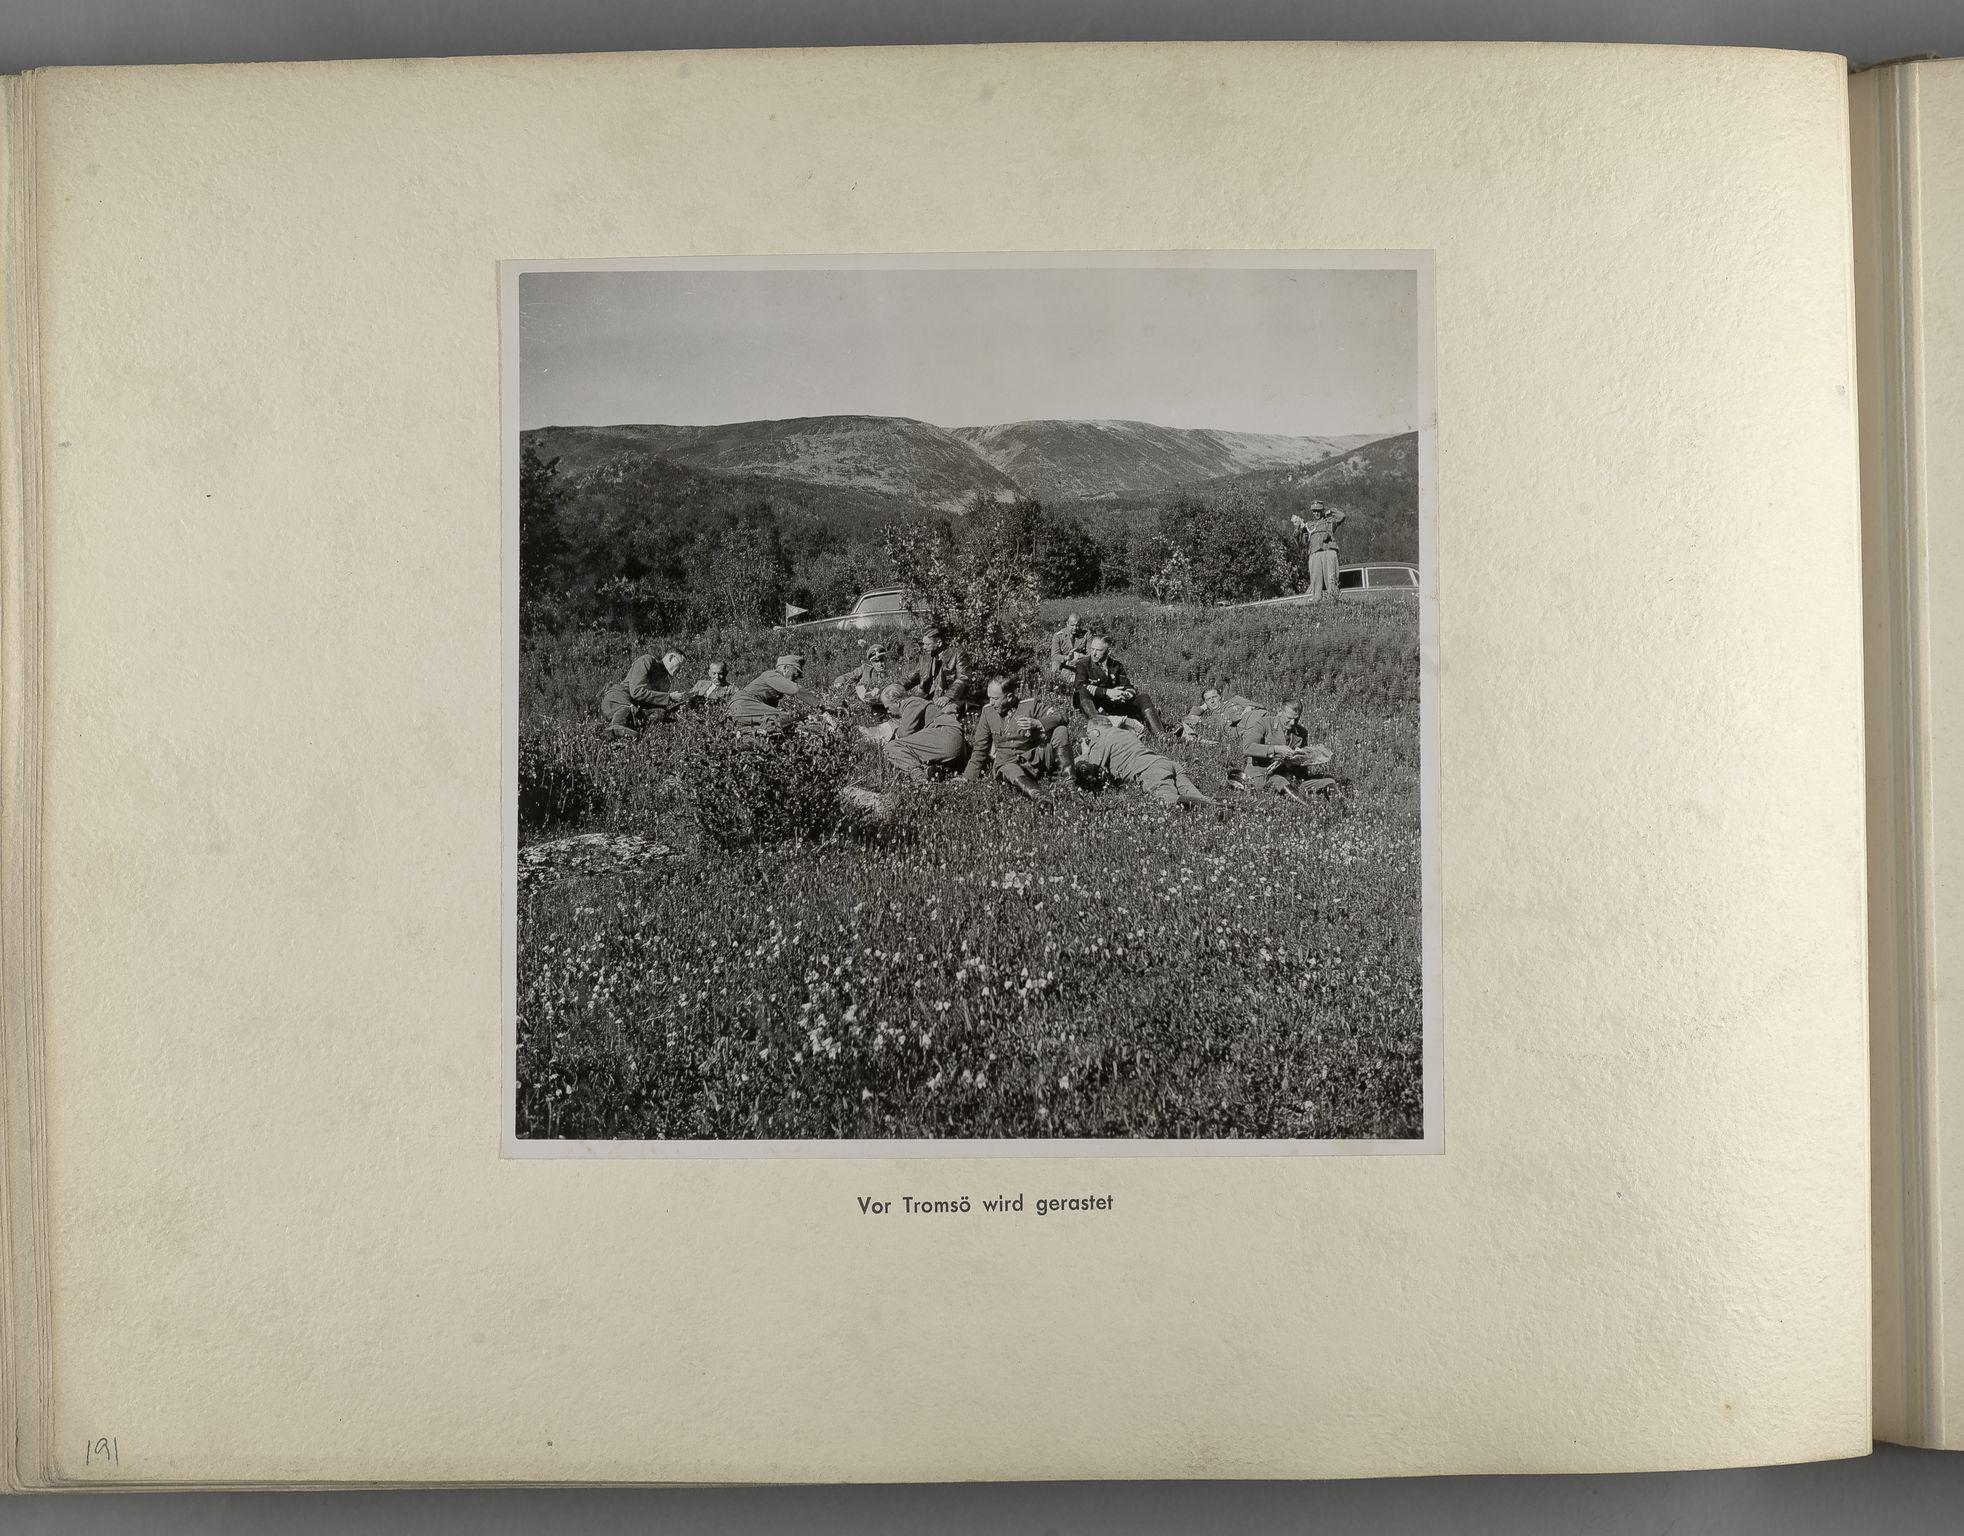 RA, Tyske arkiver, Reichskommissariat, Bildarchiv, U/L0071: Fotoalbum: Mit dem Reichskommissar nach Nordnorwegen und Finnland 10. bis 27. Juli 1942, 1942, s. 80